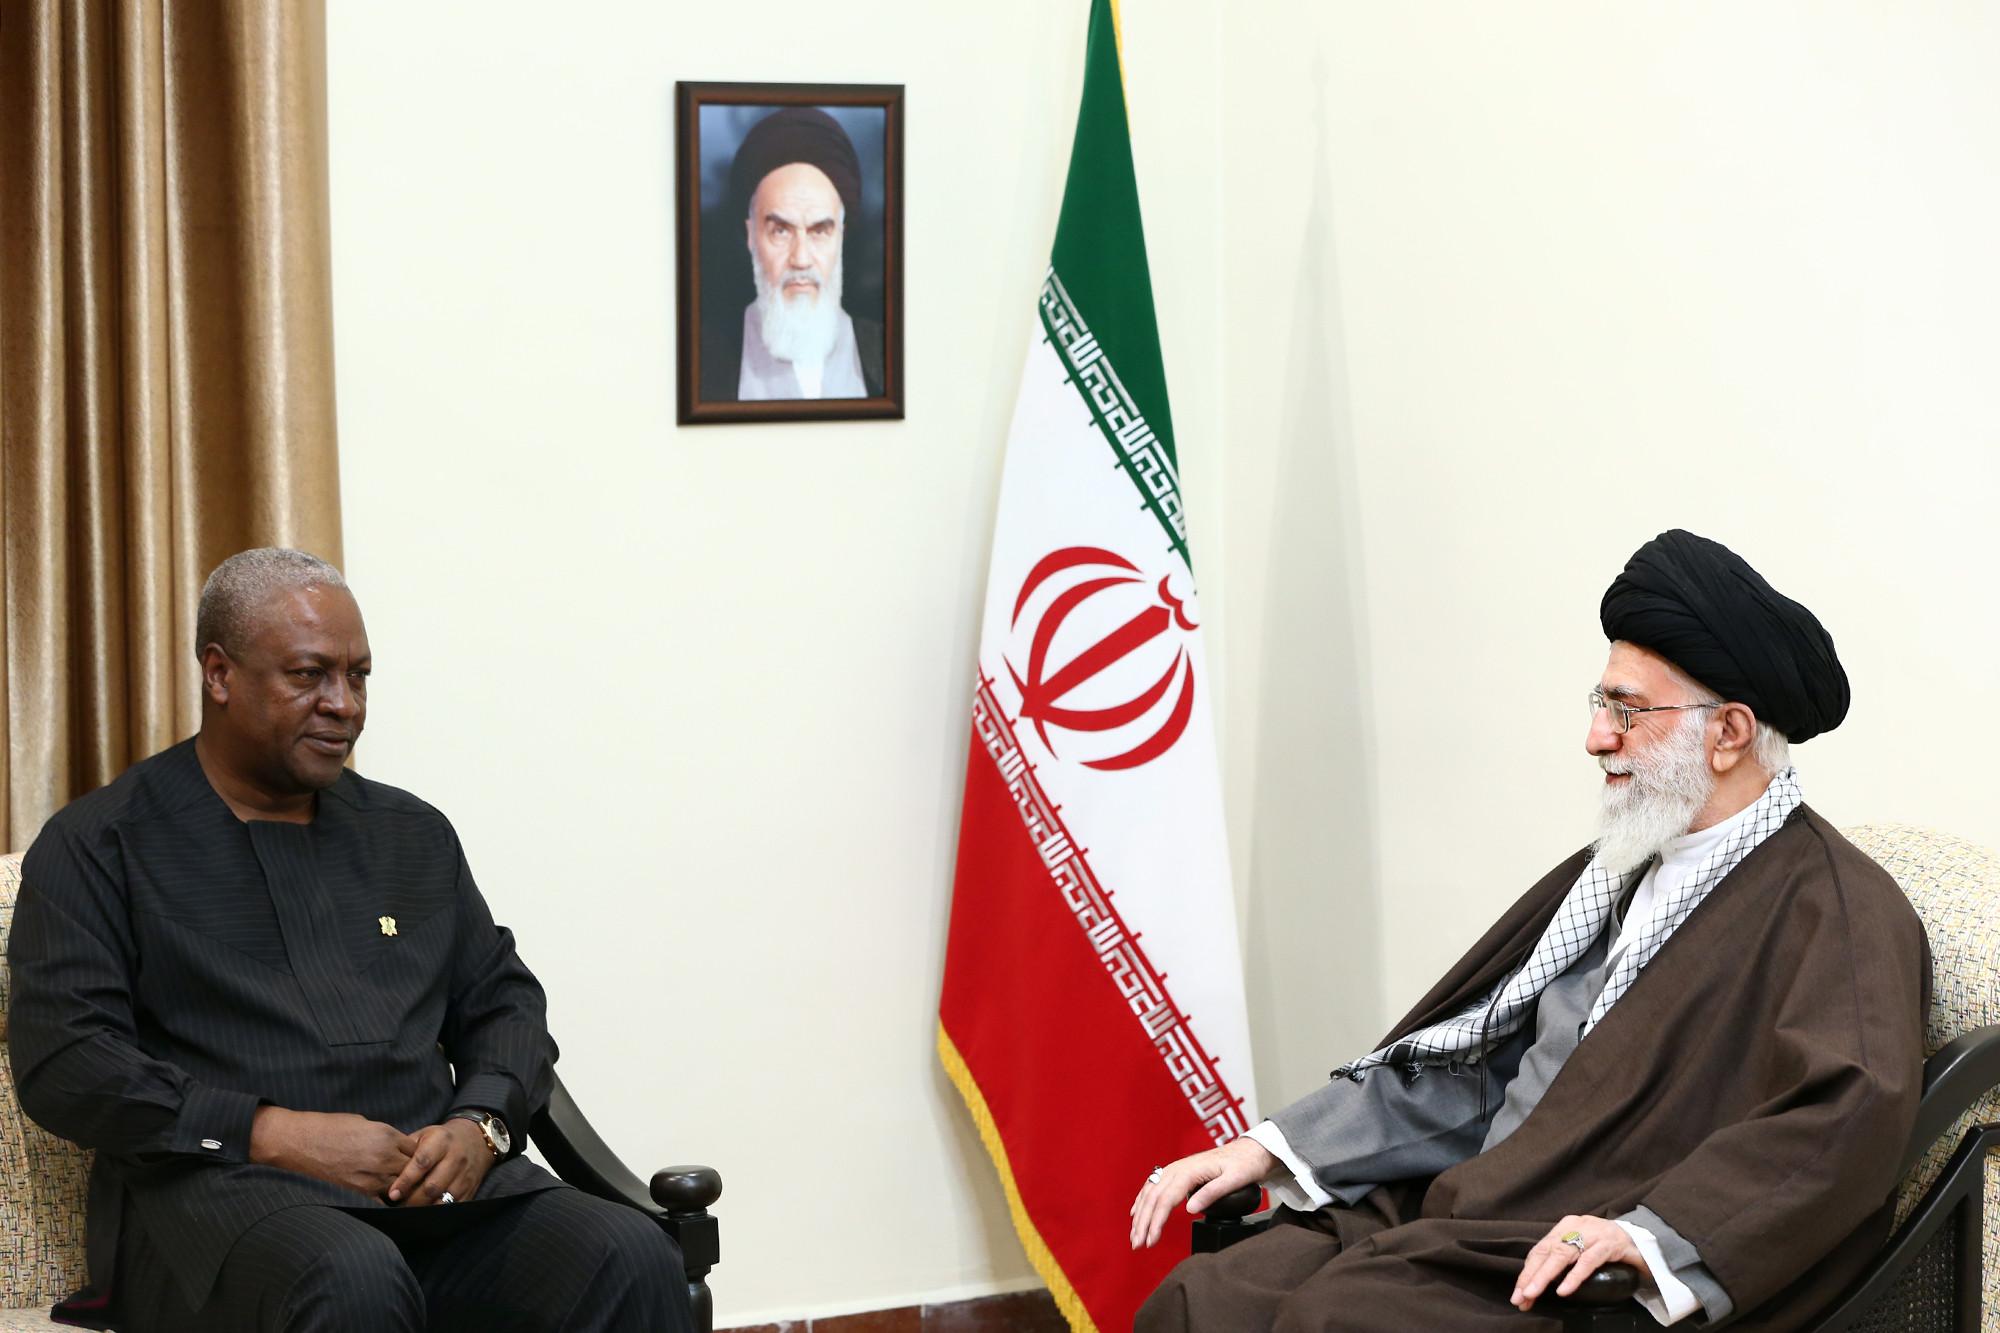 رئیسجمهور غنا و هیأت همراه با رهبر انقلاب دیدار کردند